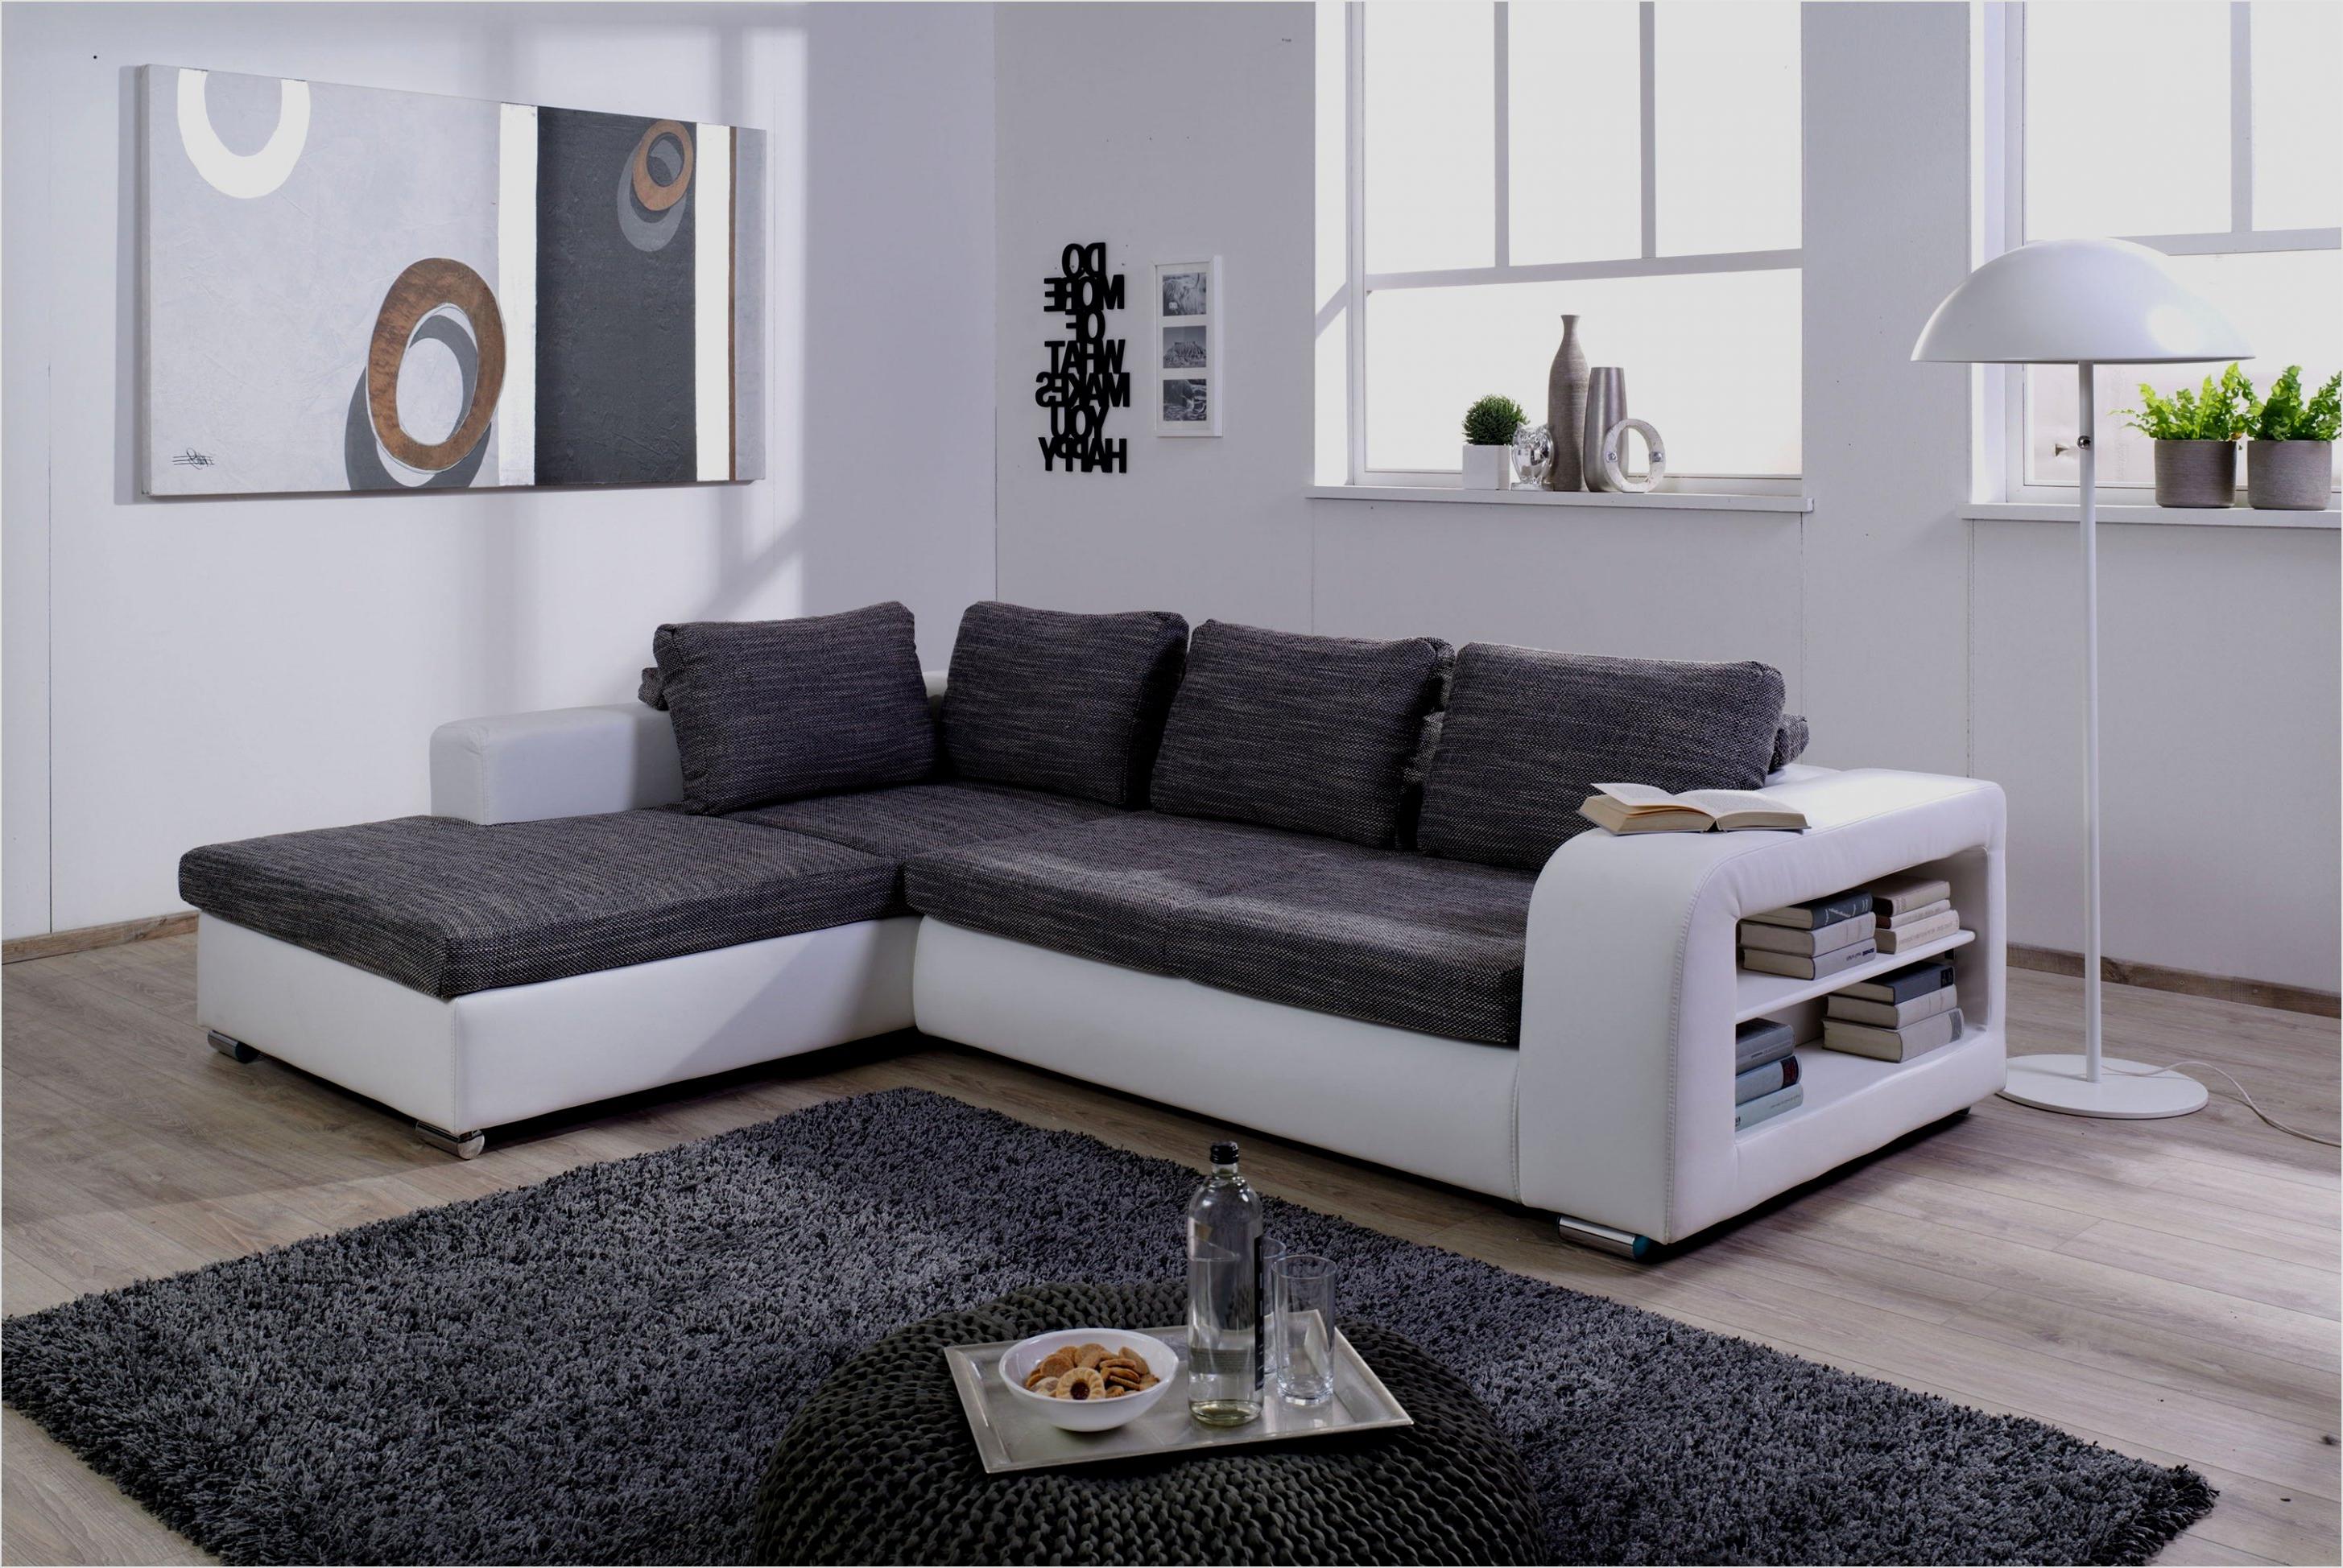 Sofas Castellon 3ldq sofas Castellon Encantador Xxl U form top U sofa Grau Elegant